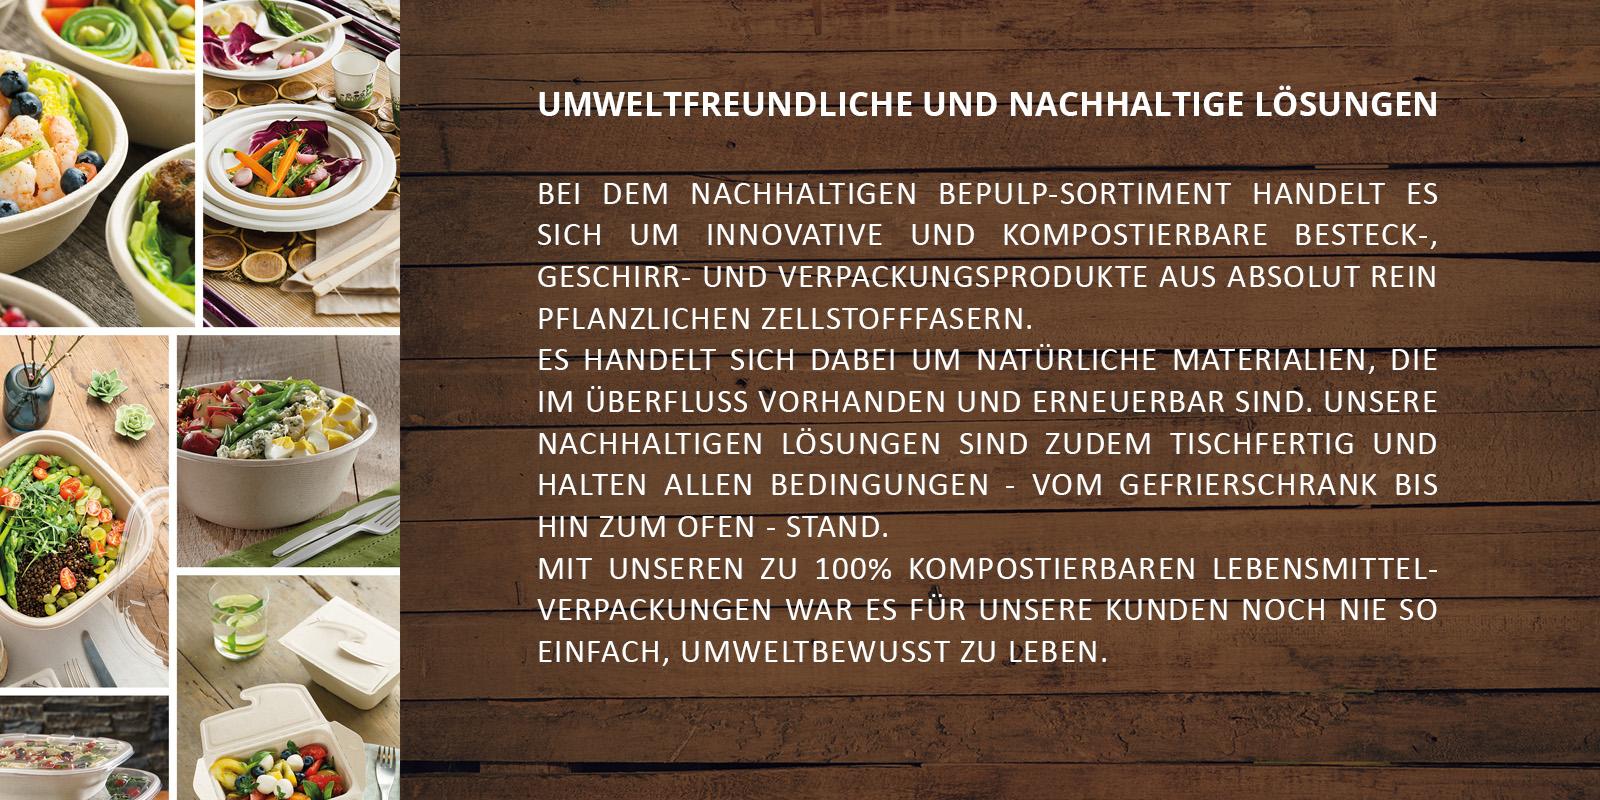 NACHHALTIGES BIOGESCHIRR